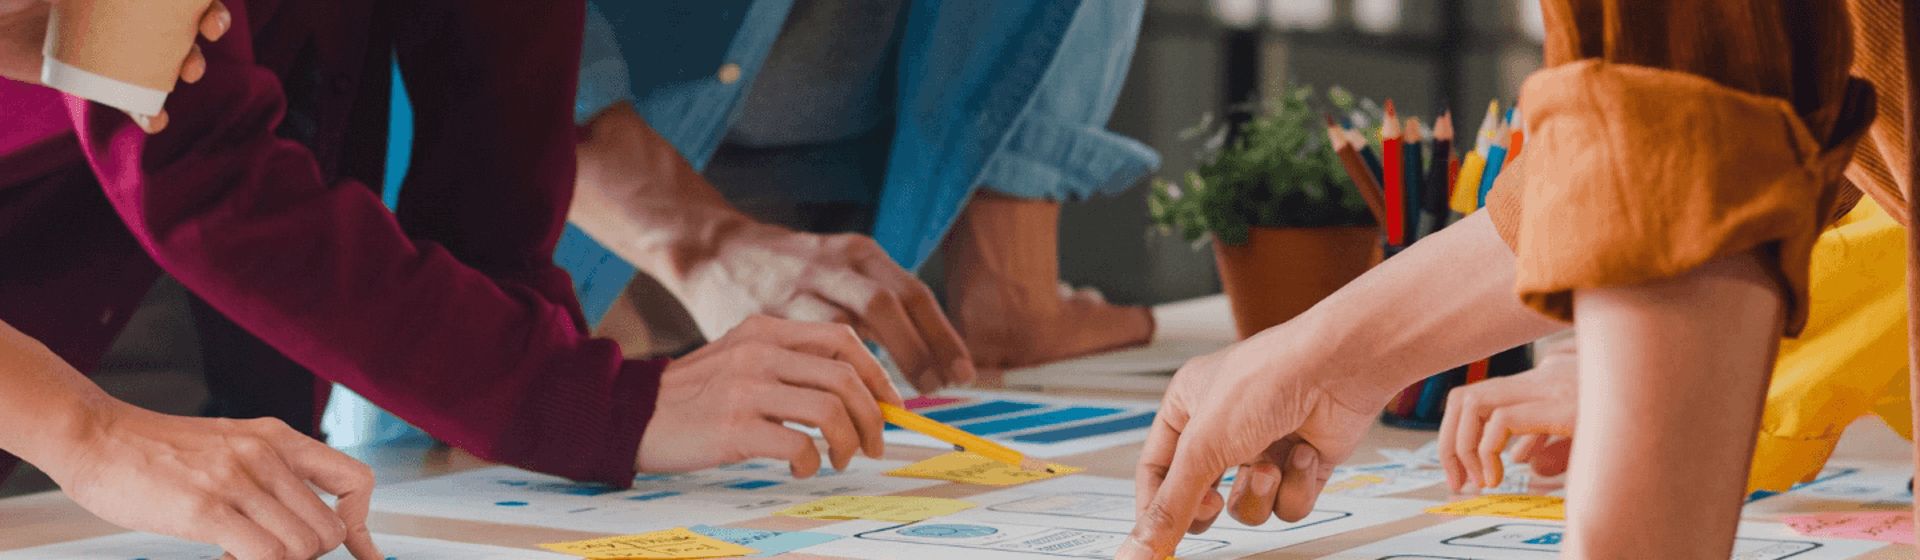 Estrategia de relaciones públicas ¡Llegó la hora de consolidar tu marca empresarial!